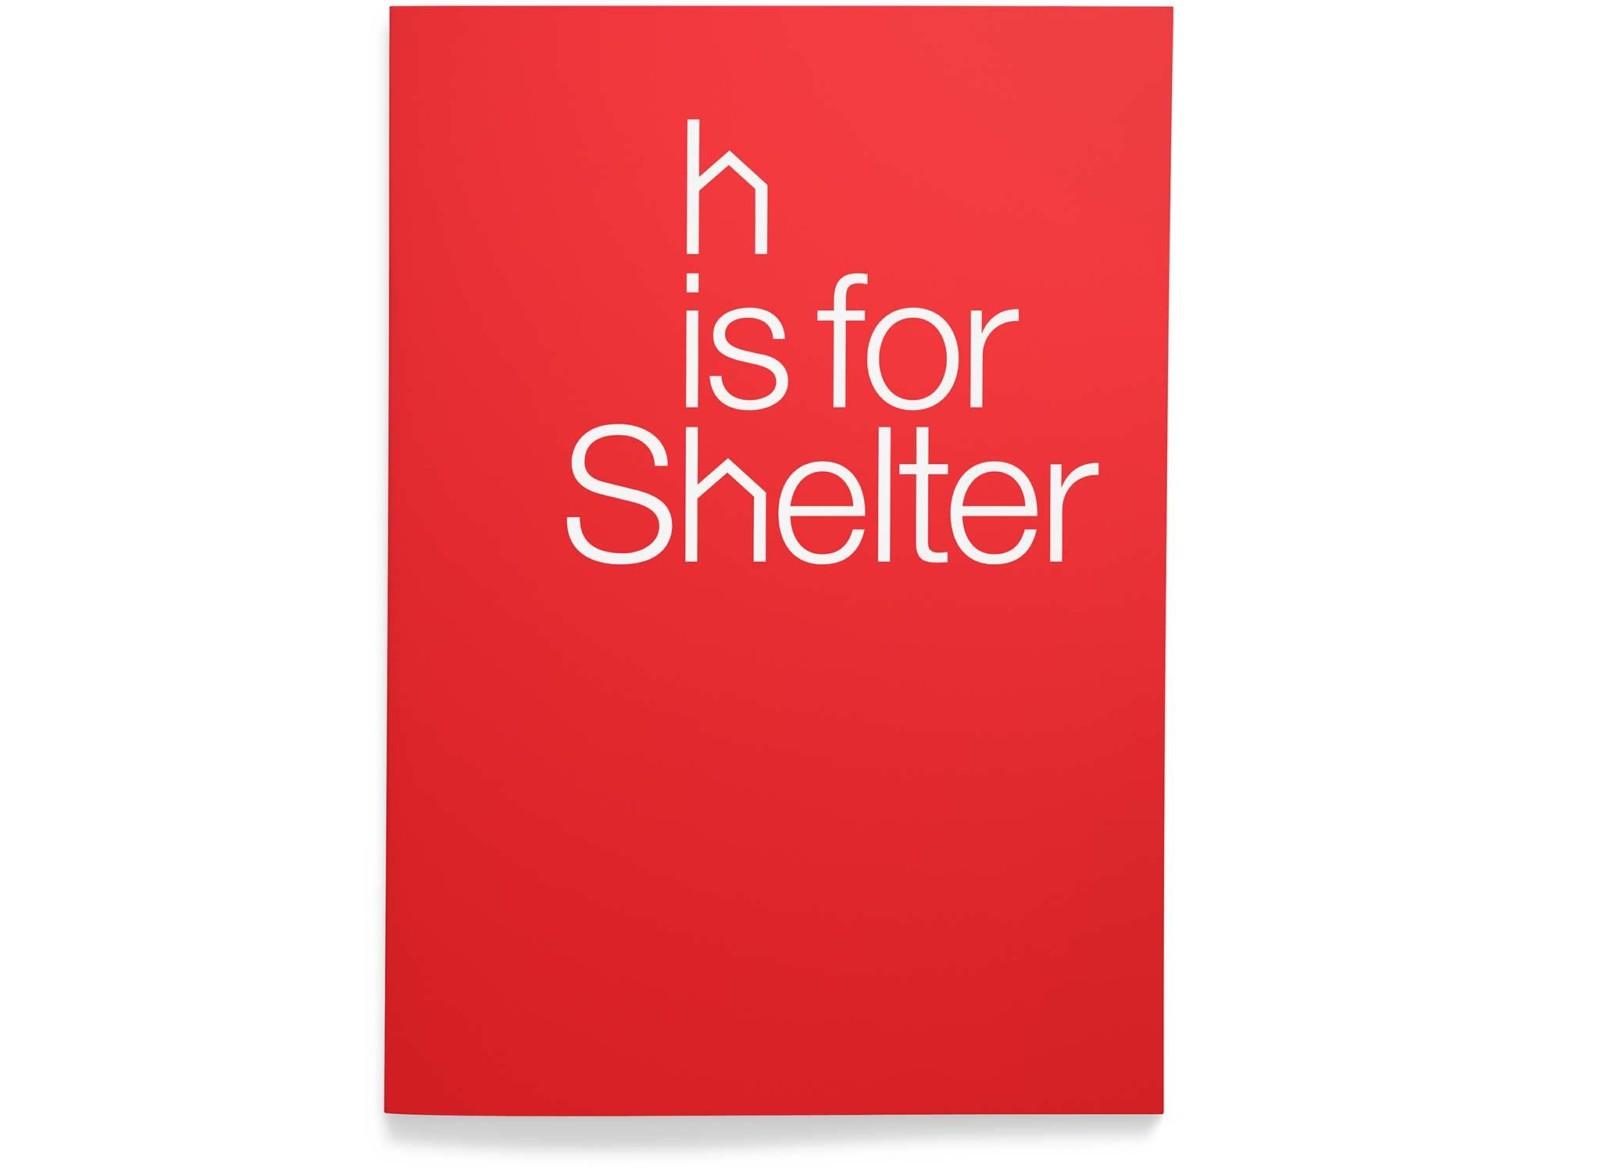 Shelter image